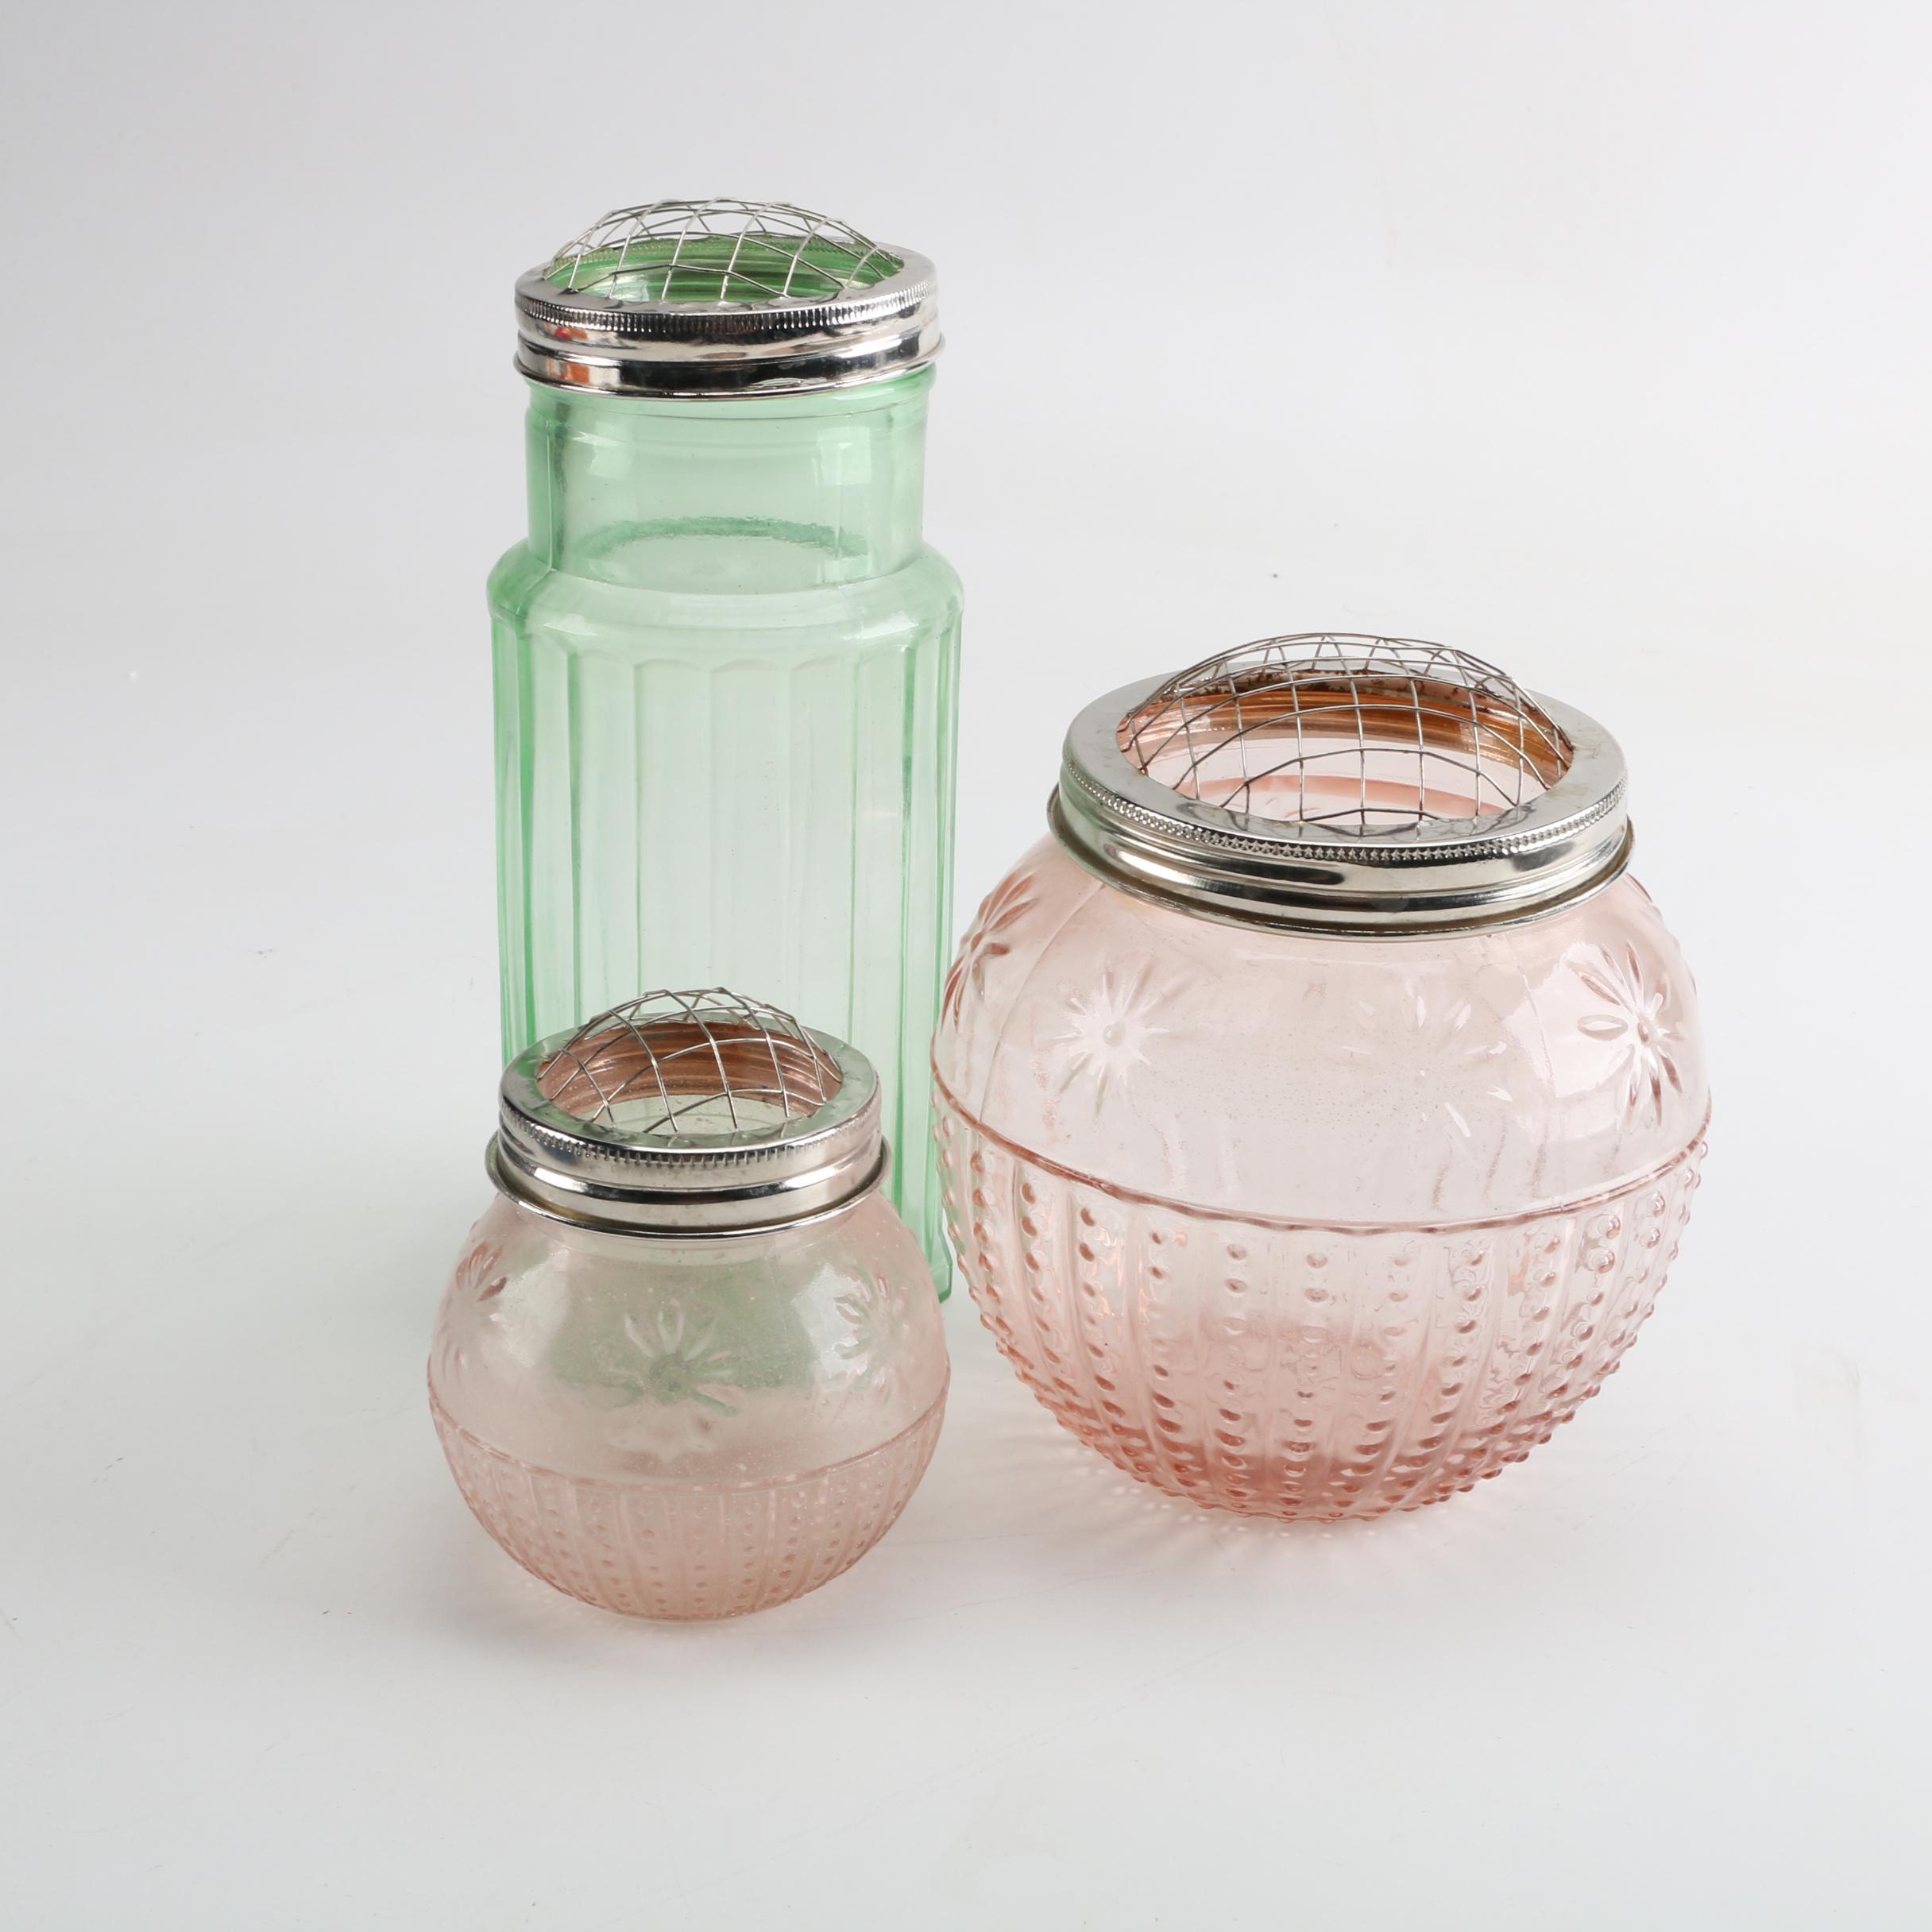 Vintage Pressed Glass Pastel Vases with Flower Frog Lids